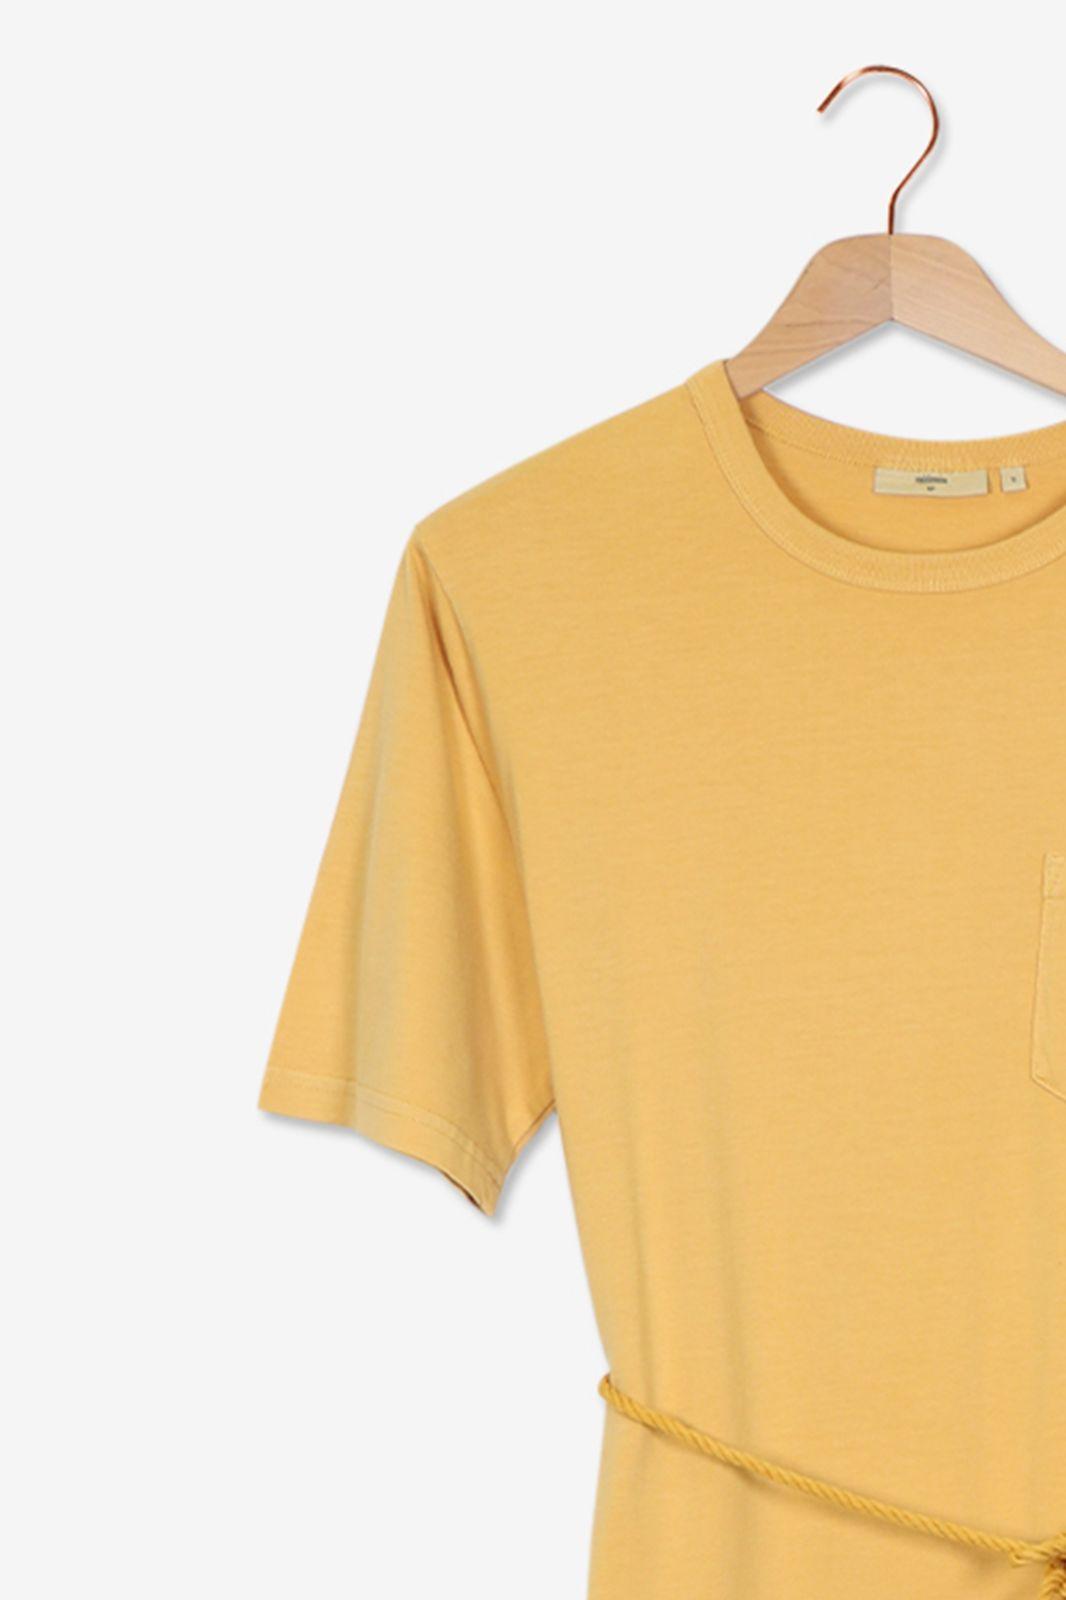 Minimum Gele jurk met taille koord - Dames | Sissy-Boy